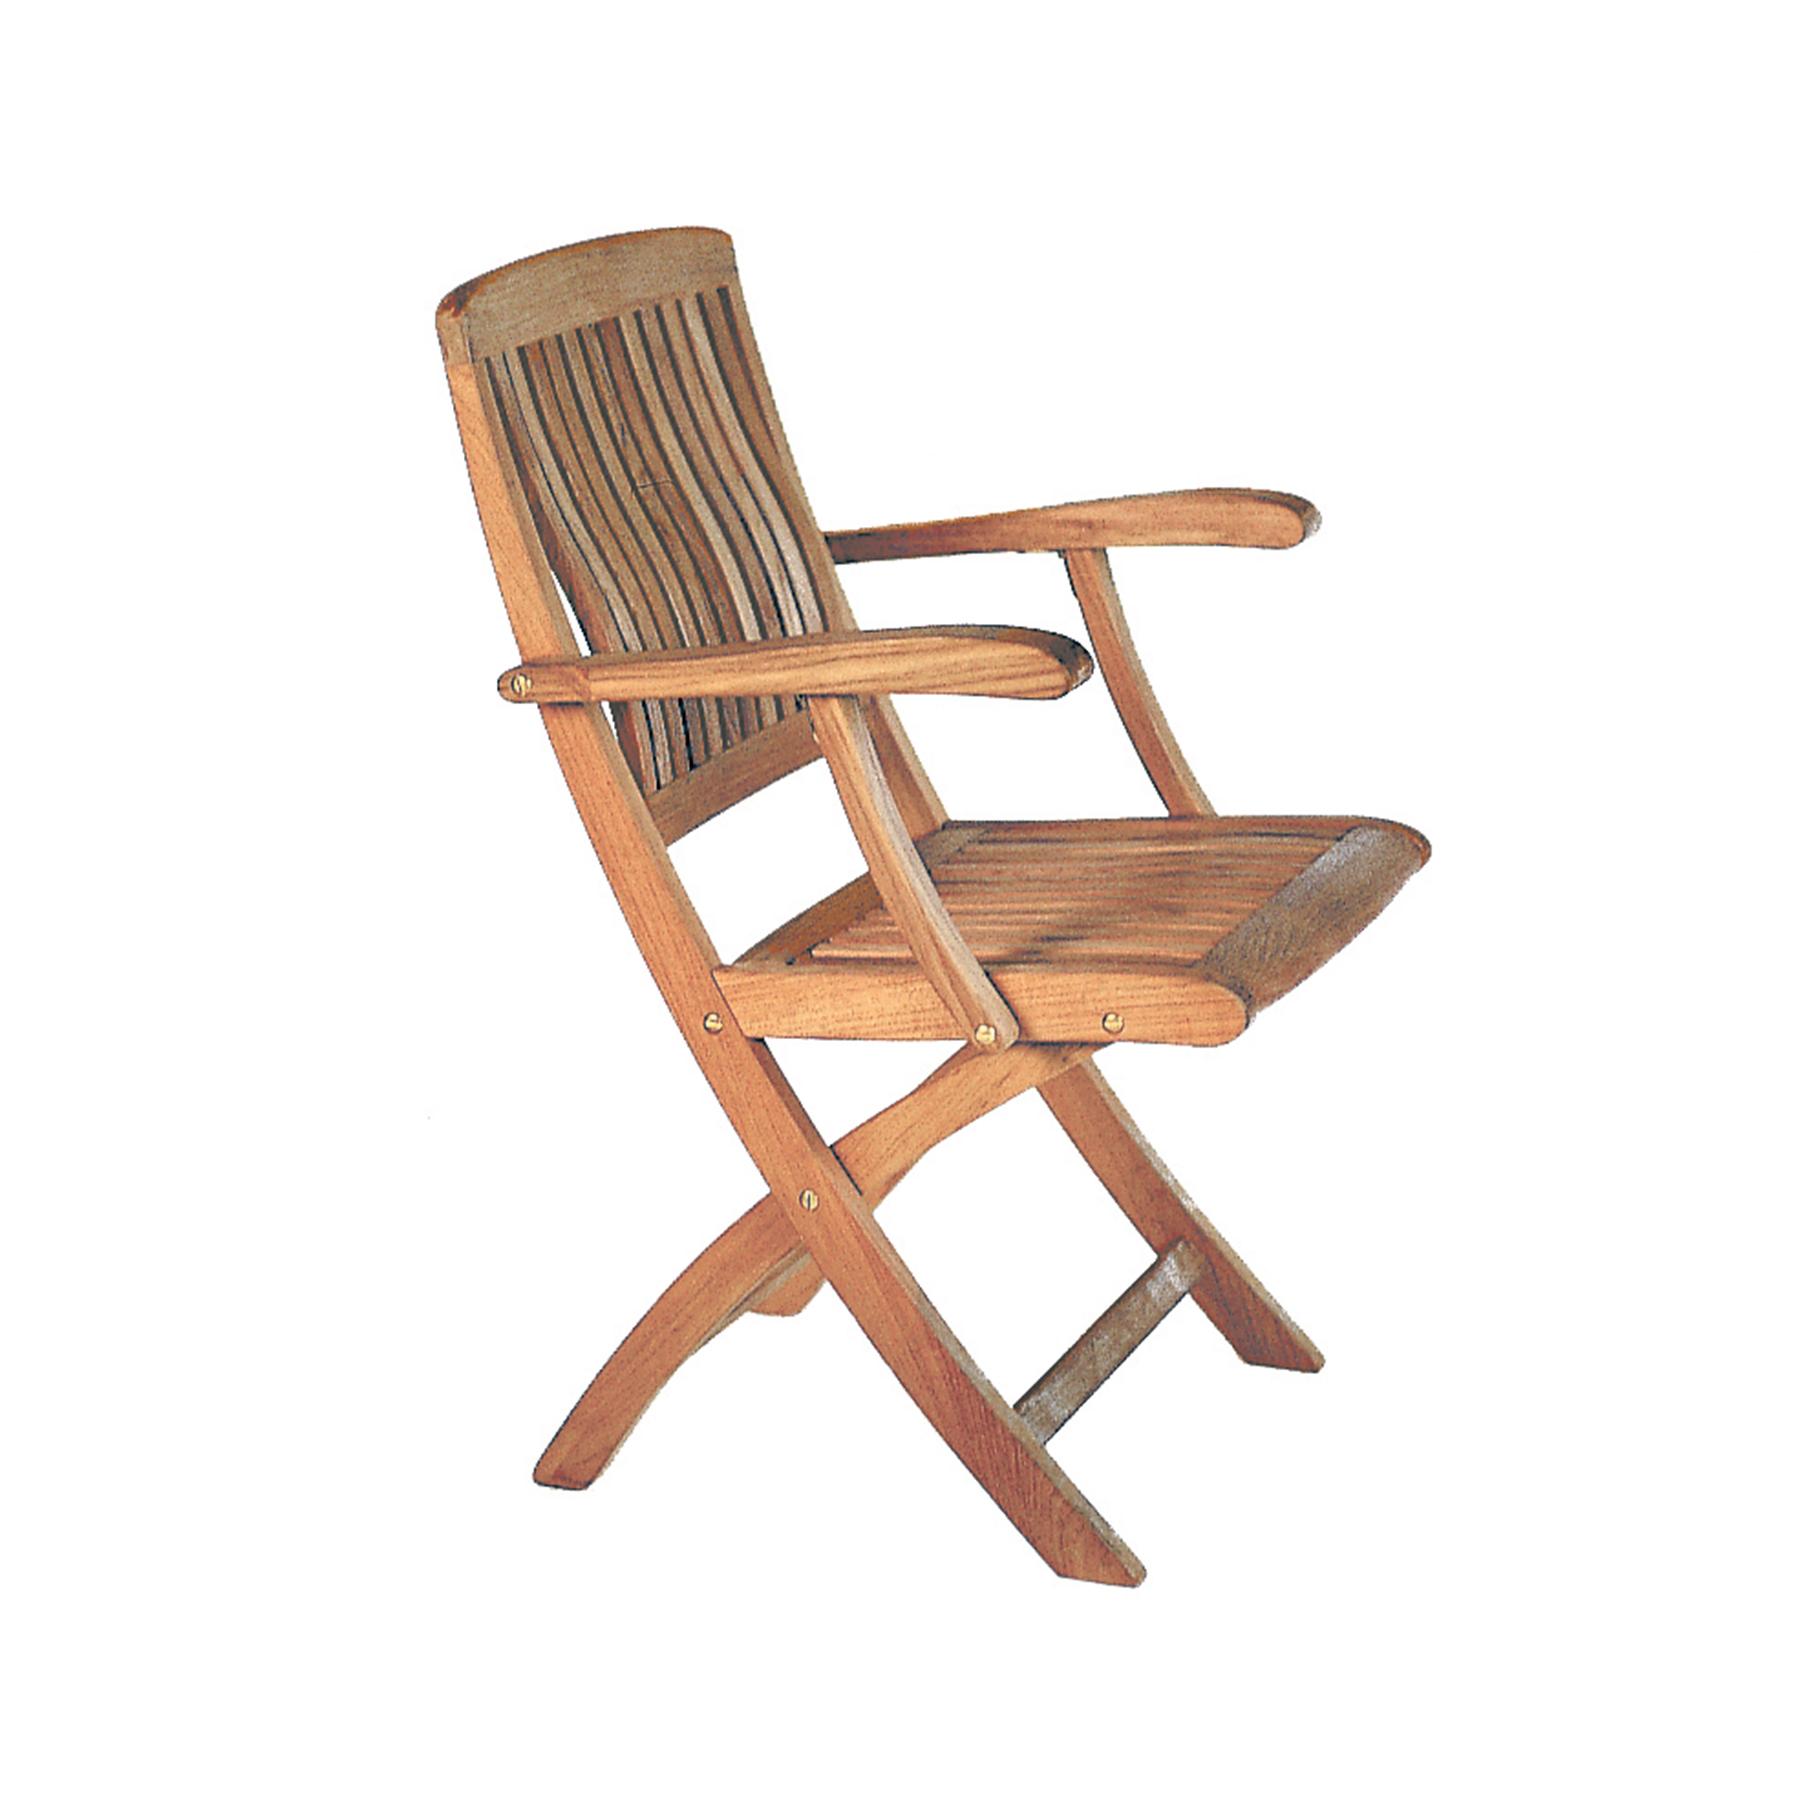 del rey klappsessel royal botania gartenm bel. Black Bedroom Furniture Sets. Home Design Ideas